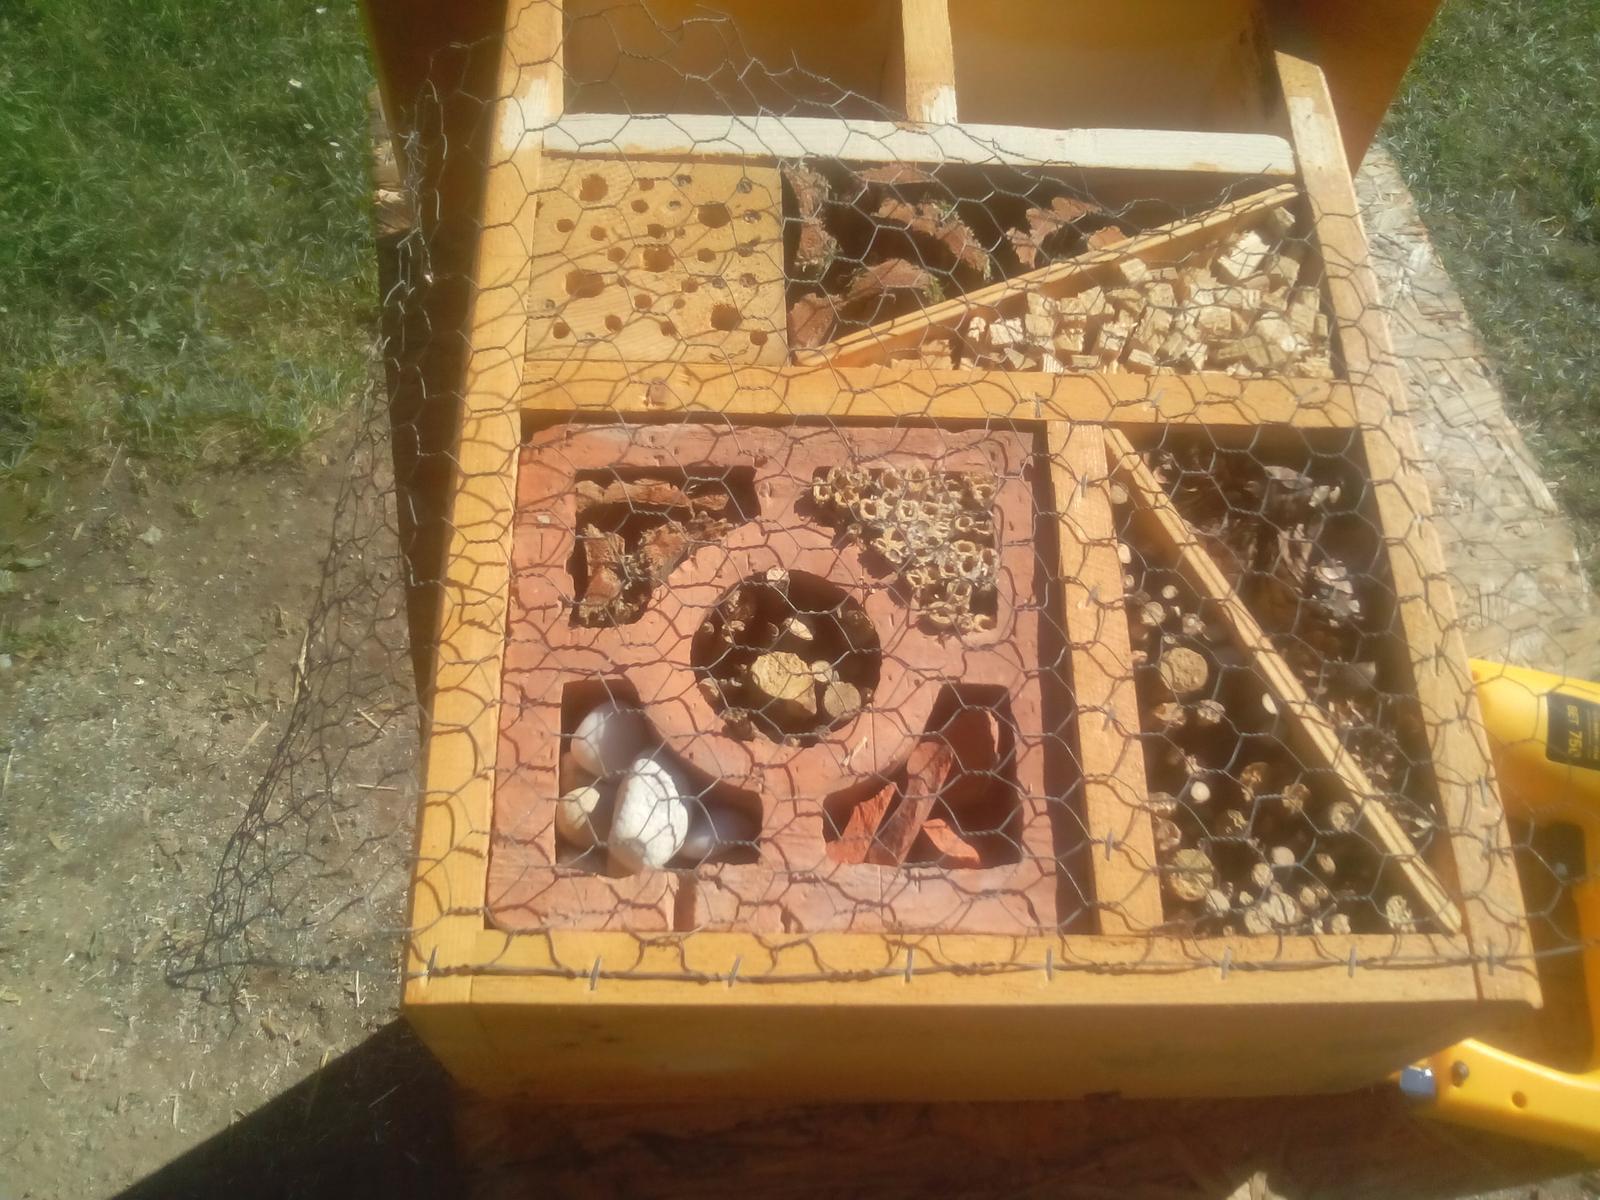 Ešte raz niečo zo zbytkov dreva - Ešte som doplnil riečne kamienky a pripevnil pletivo na prednú stranu....